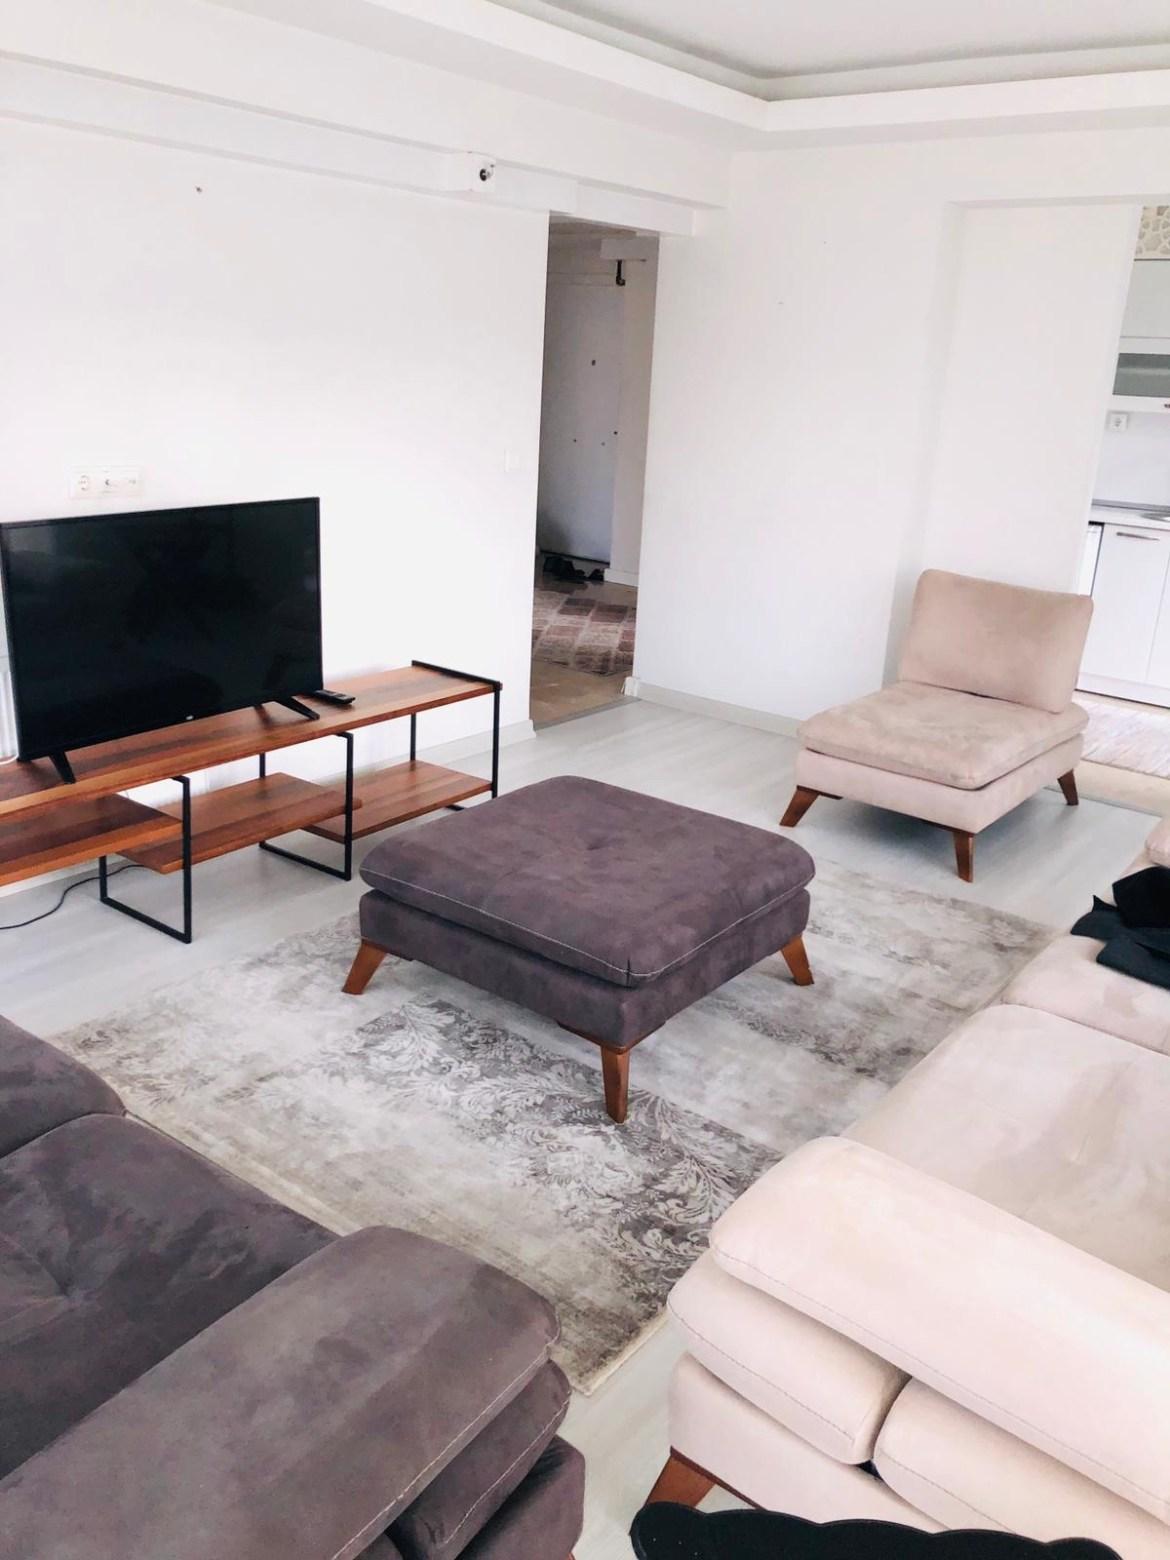 Sakarya günlük kiralık evler en uygun fiyata